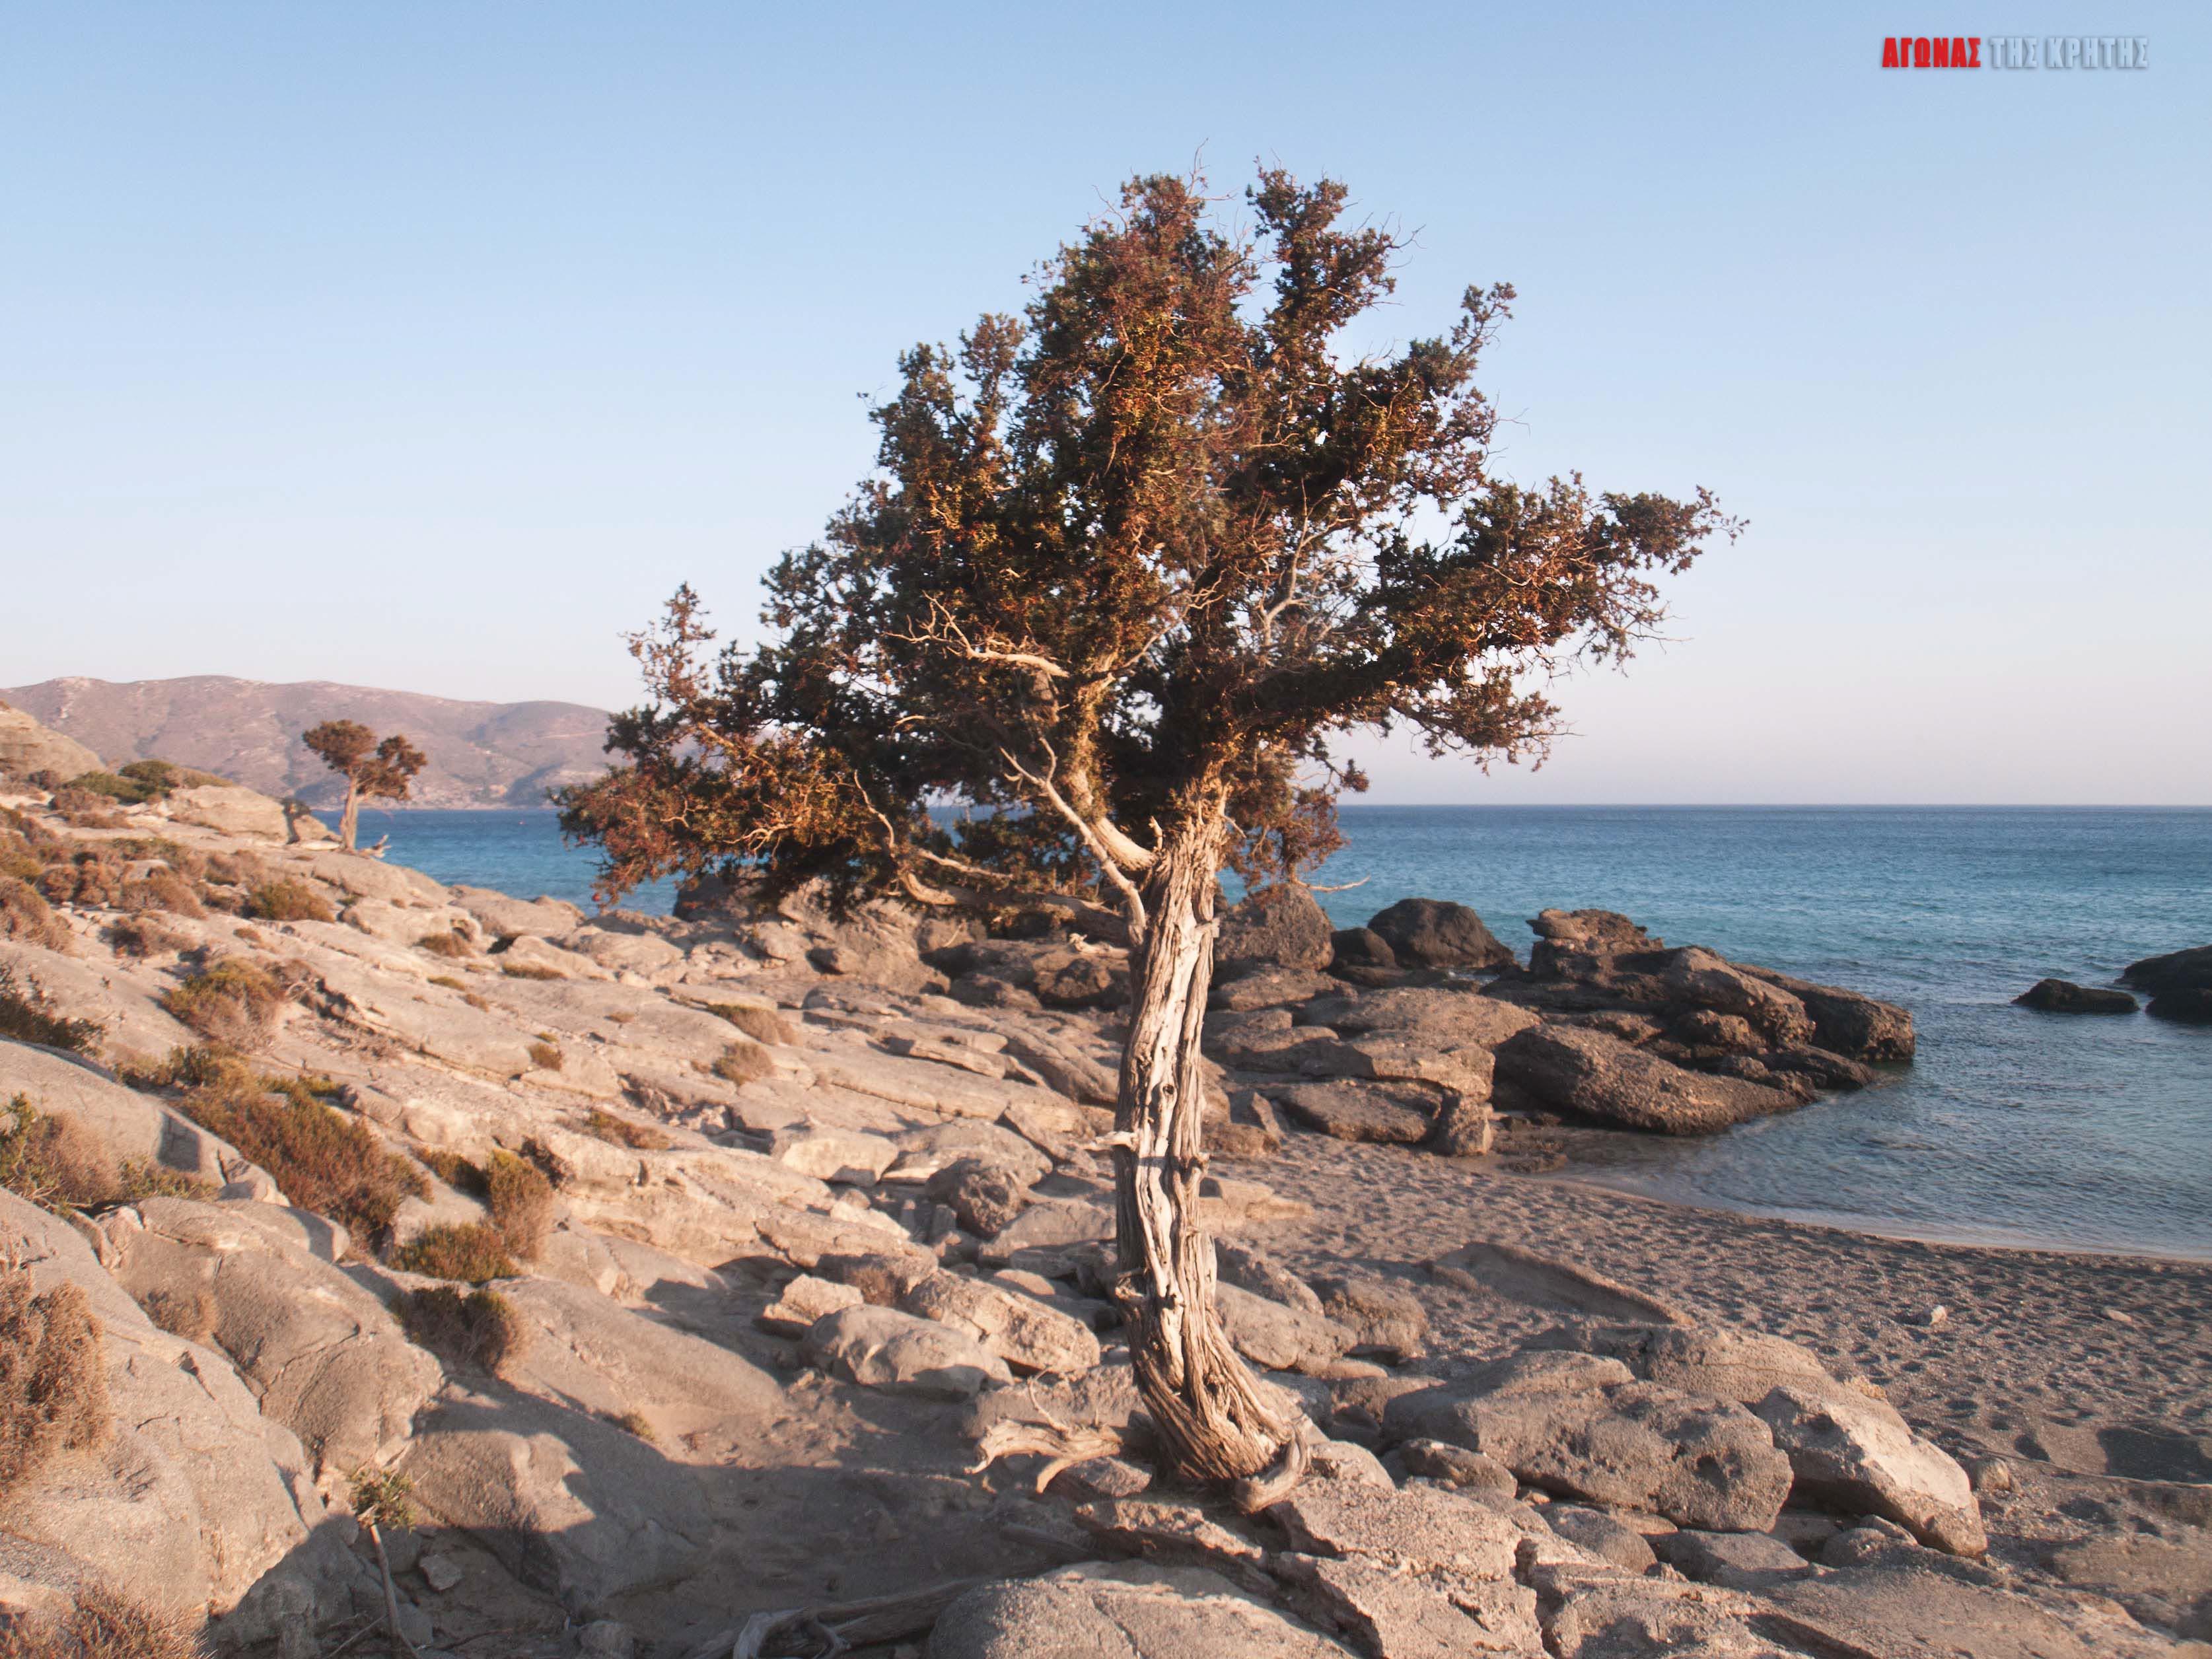 Κεδρόδασος: Ένας επίγειος παράδεισος που για να συνεχίσει να υπάρχει θα πρέπει να τον σεβόμαστε | Φωτός